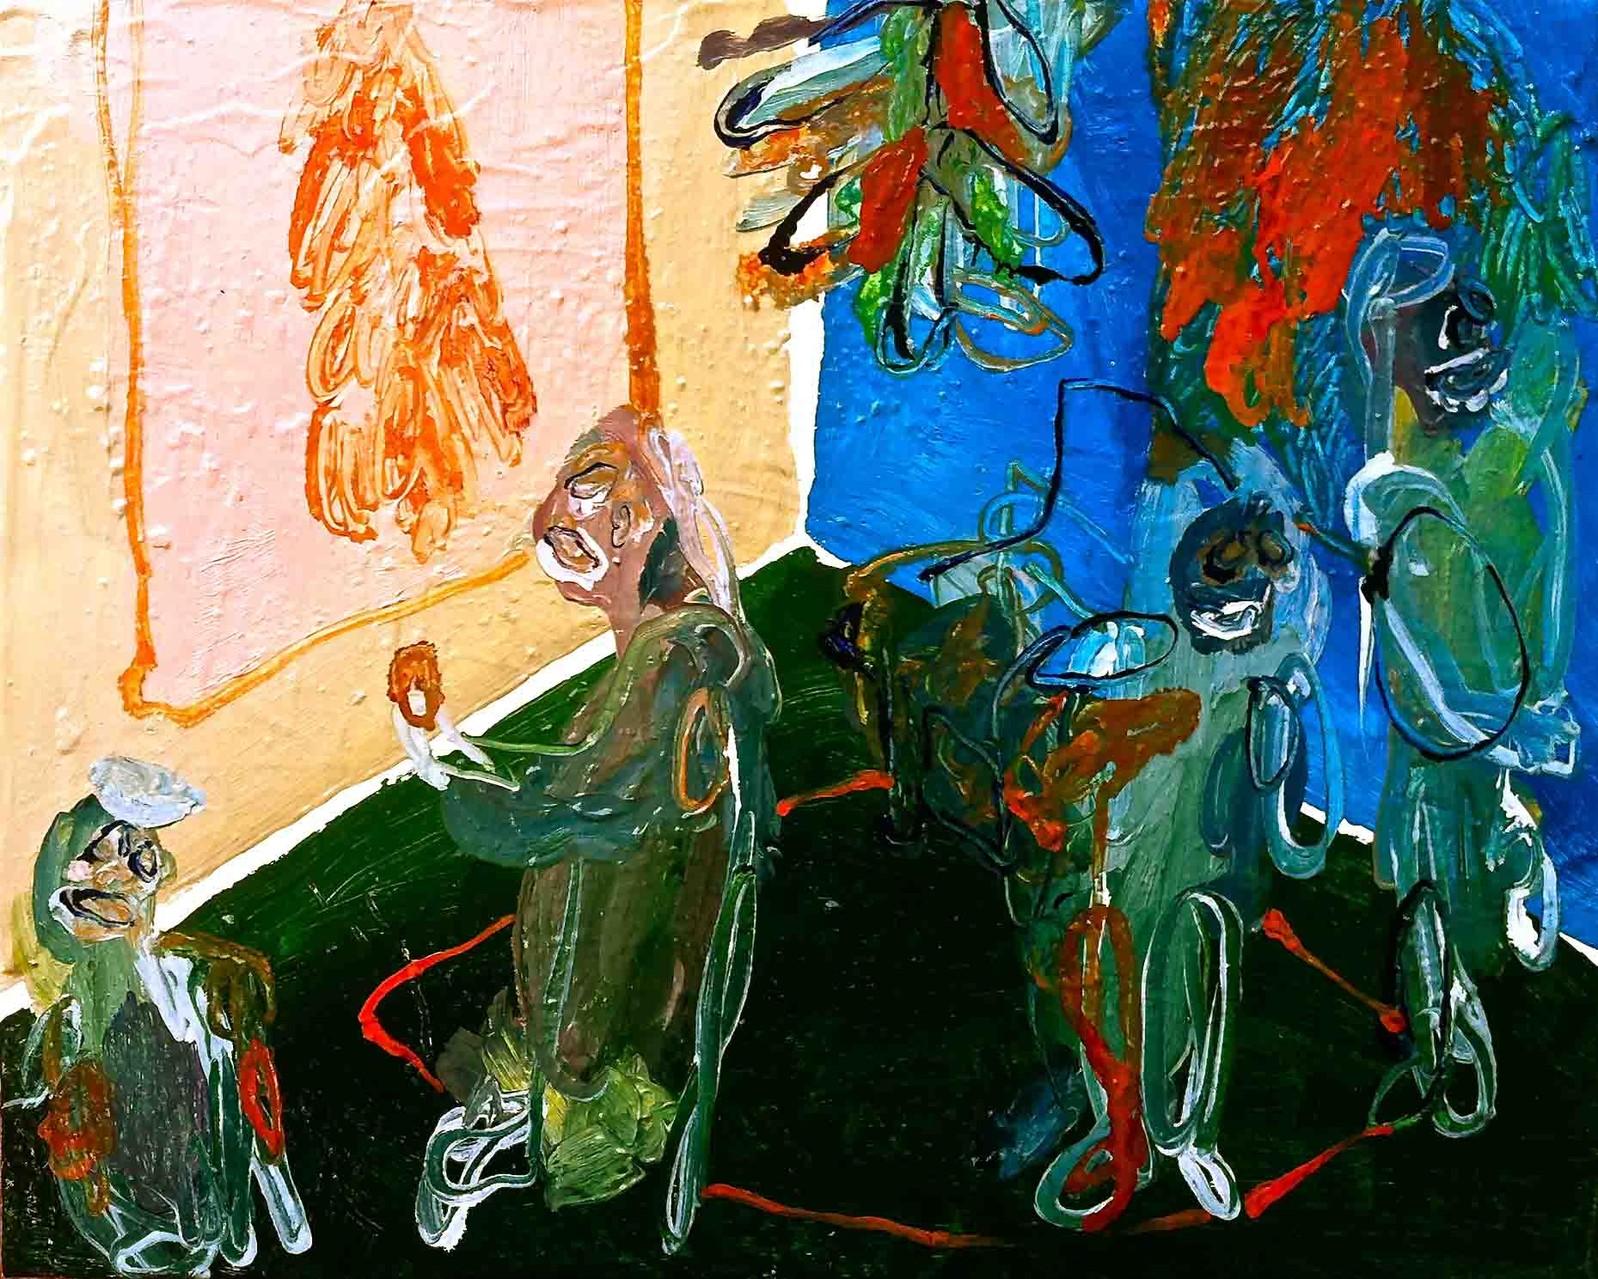 No title, tecnica mista su tela cm 30x24, 2014